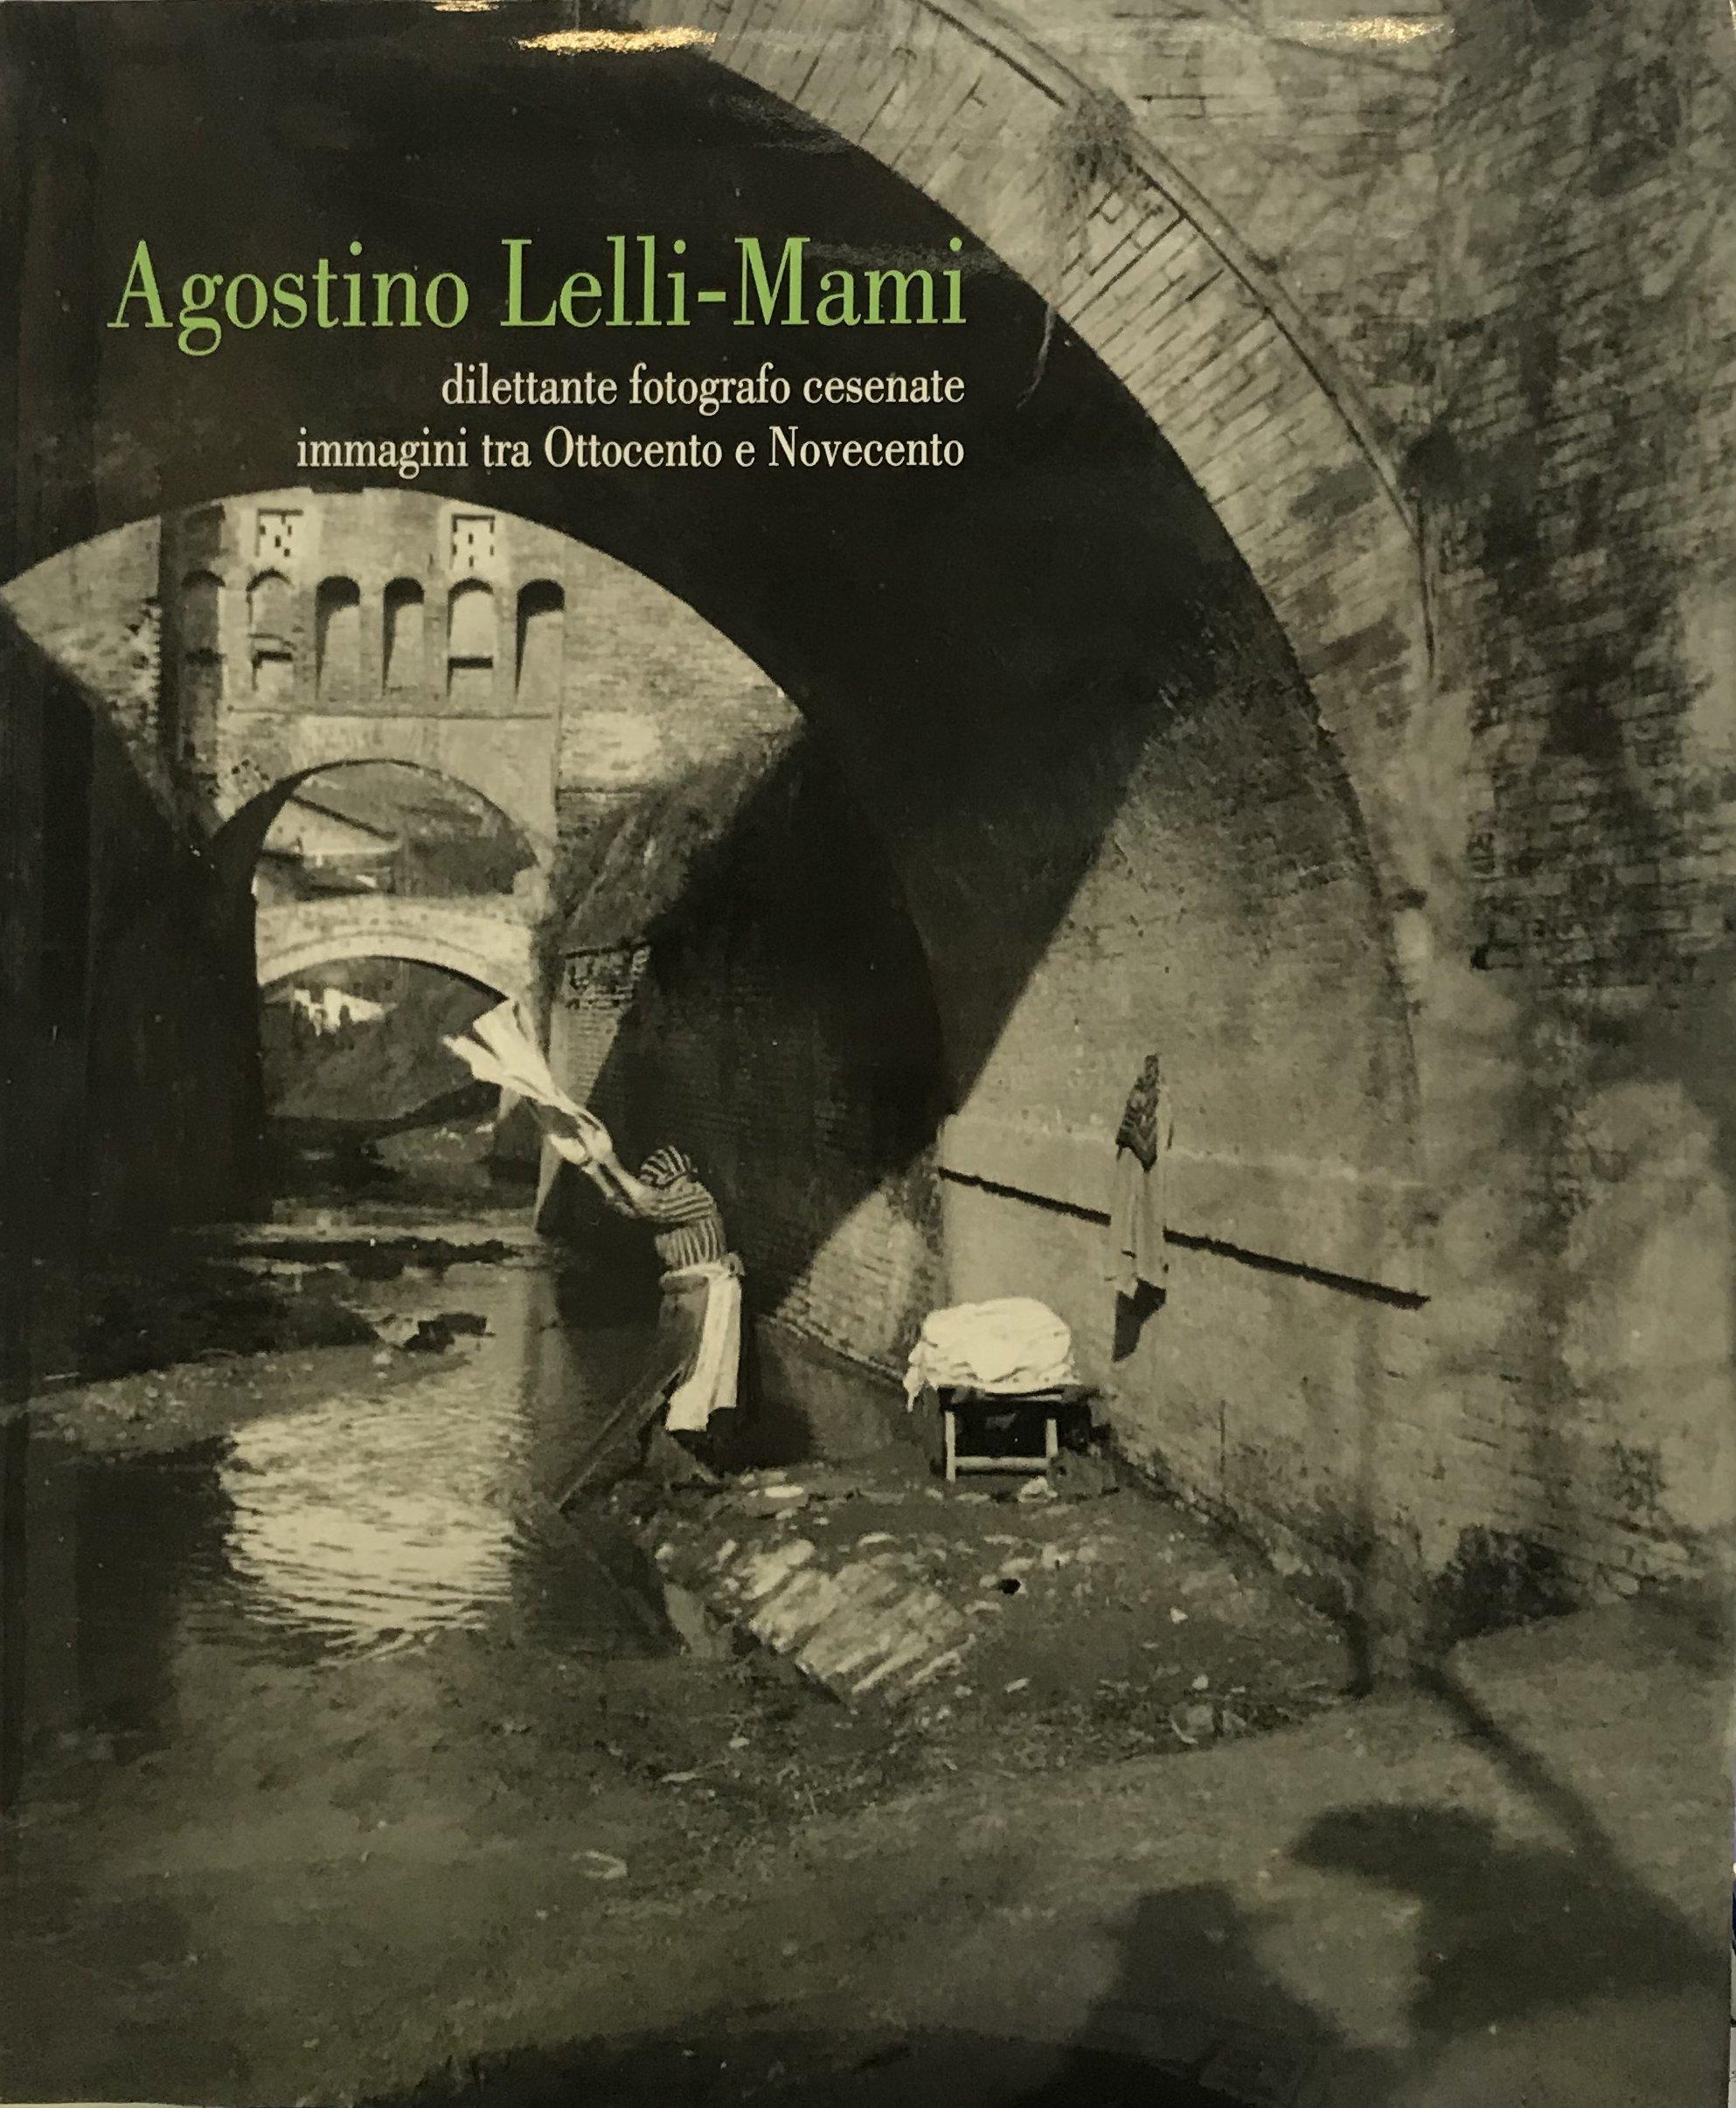 Agostino Lelli-Mami. Dilettante fotografo cesenate. Immagini tra Ottocento e Novecento